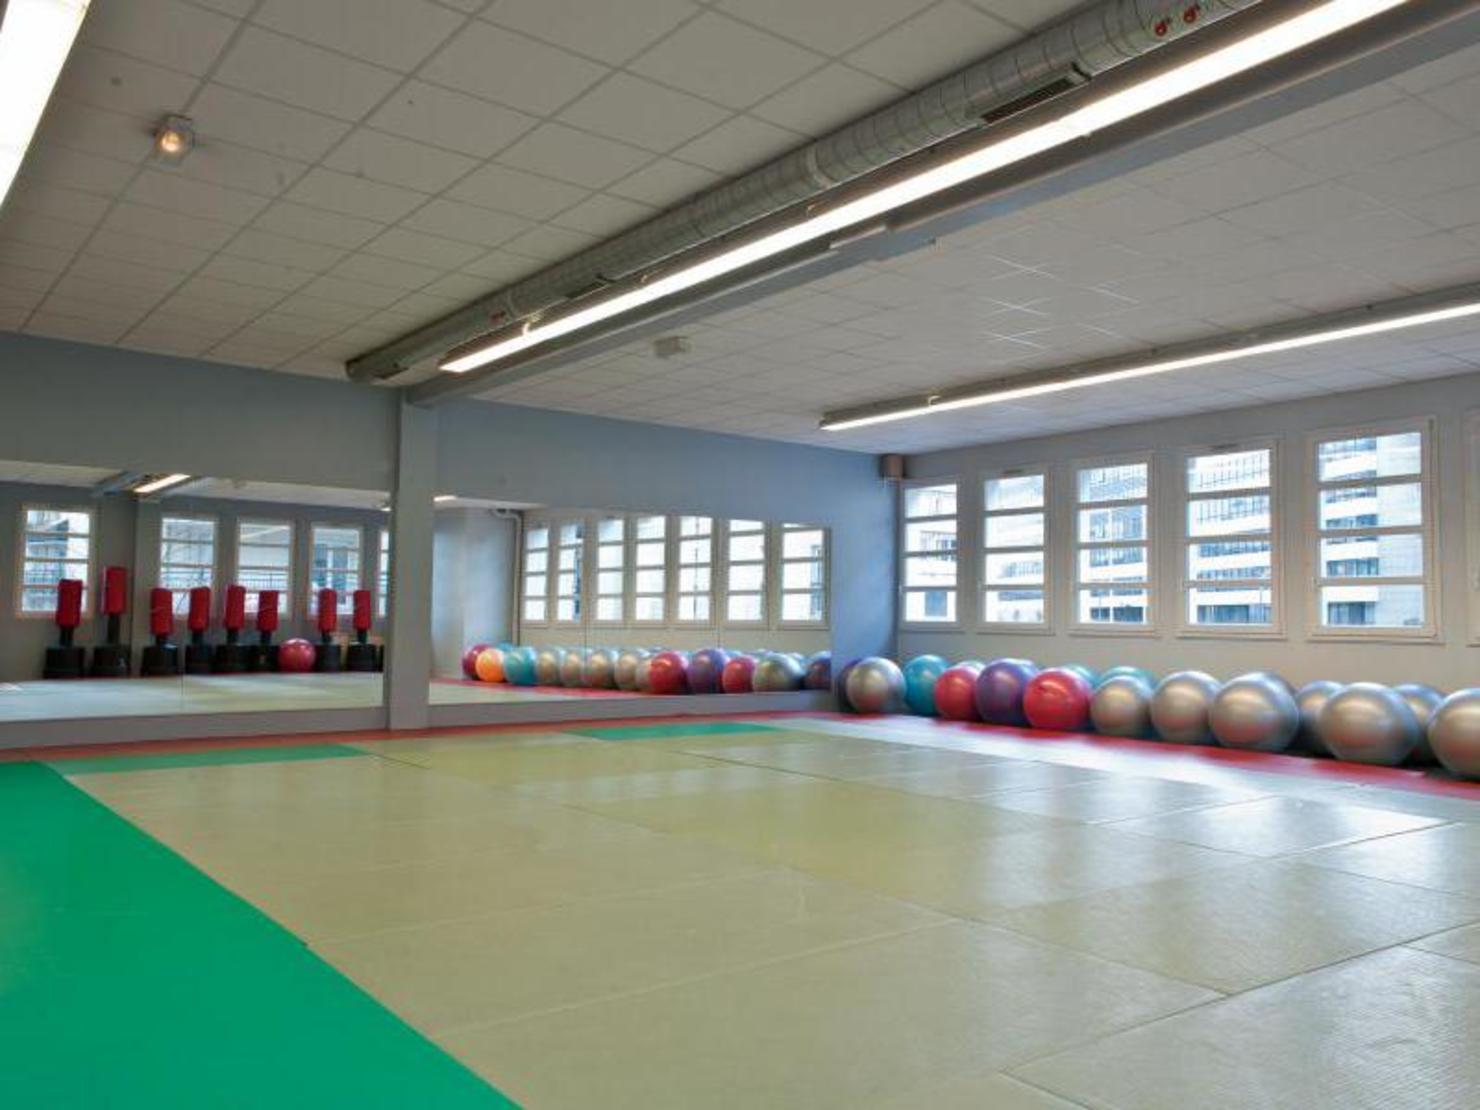 salle de sport cercle de la forme 28 images les cercles de la forme ma salle de sport. Black Bedroom Furniture Sets. Home Design Ideas